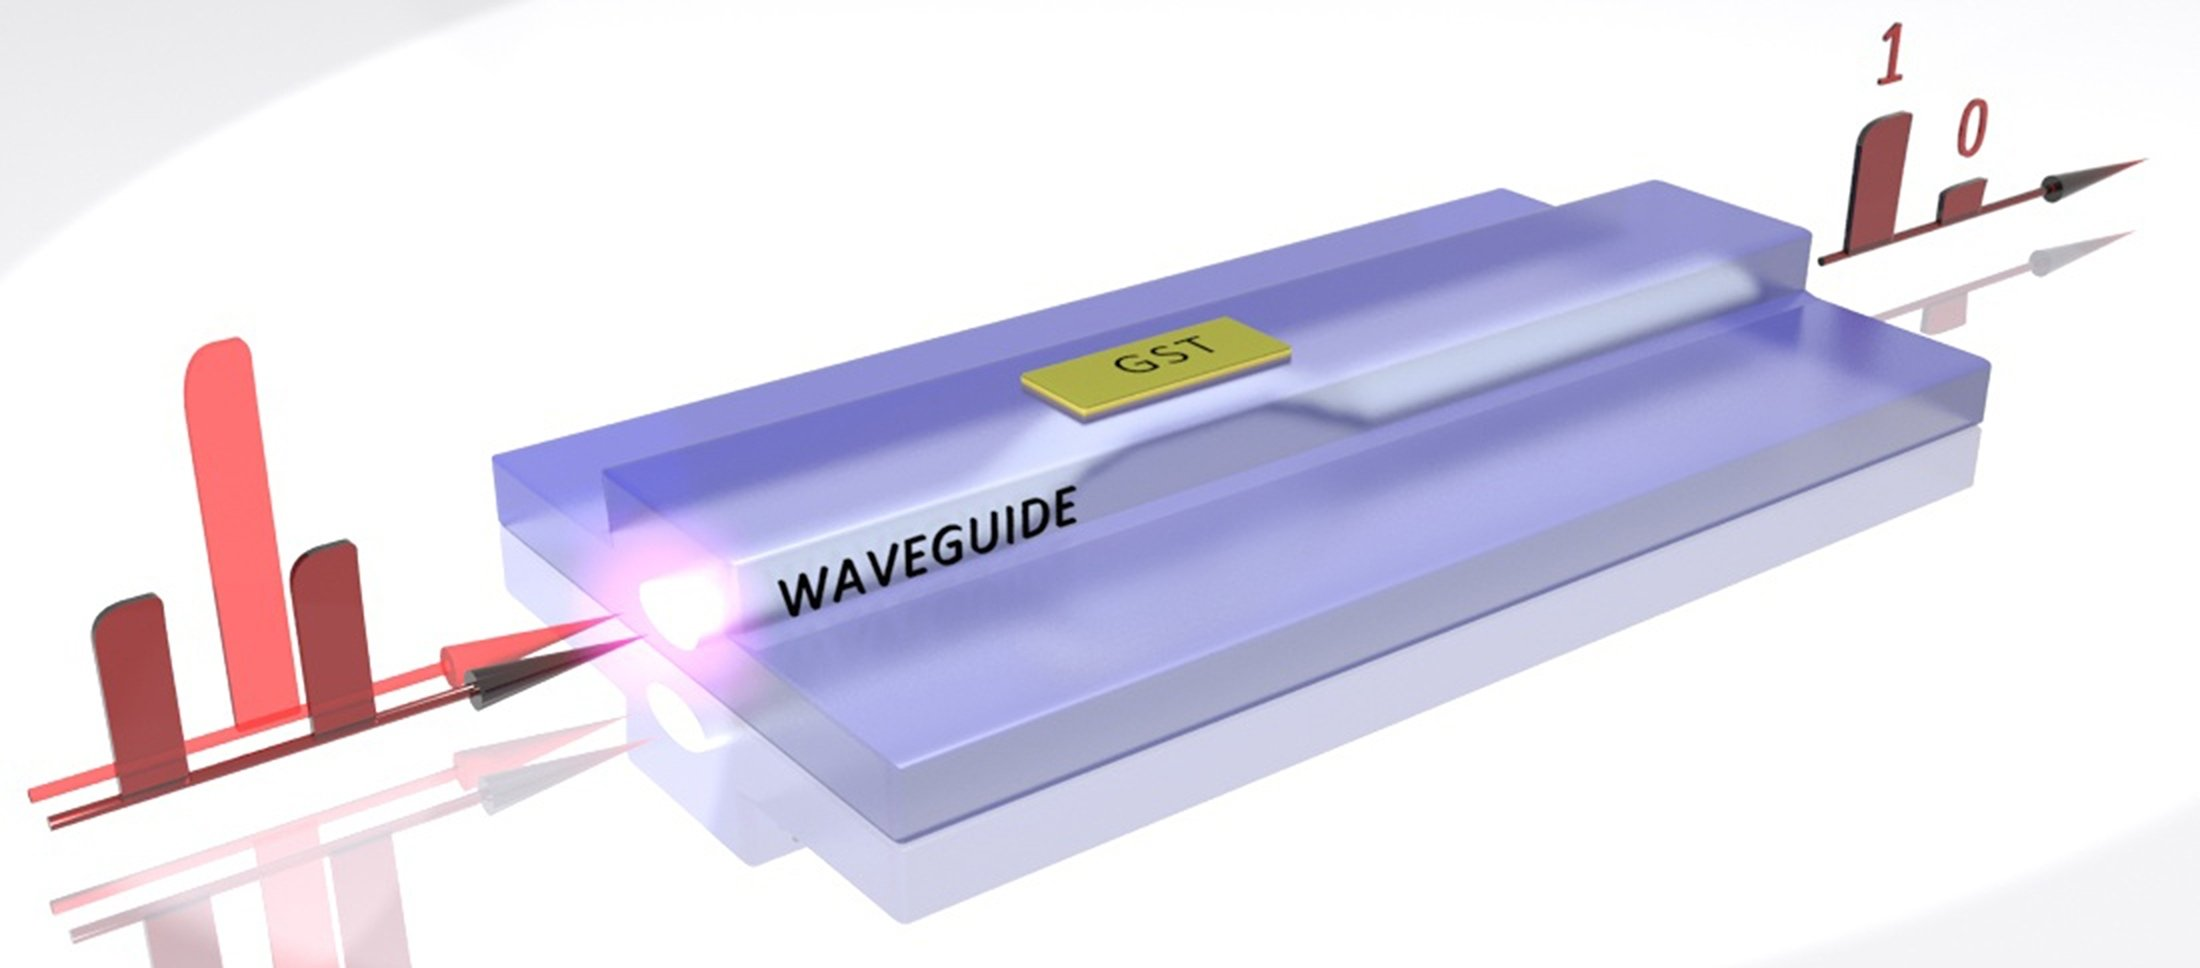 Volloptischer Datenspeicher: Ultrakurze Lichtpulse lassen das Material GST von kristallin zu amorph und zurück wechseln. Schwache Lichtpulse lesen die Daten aus.